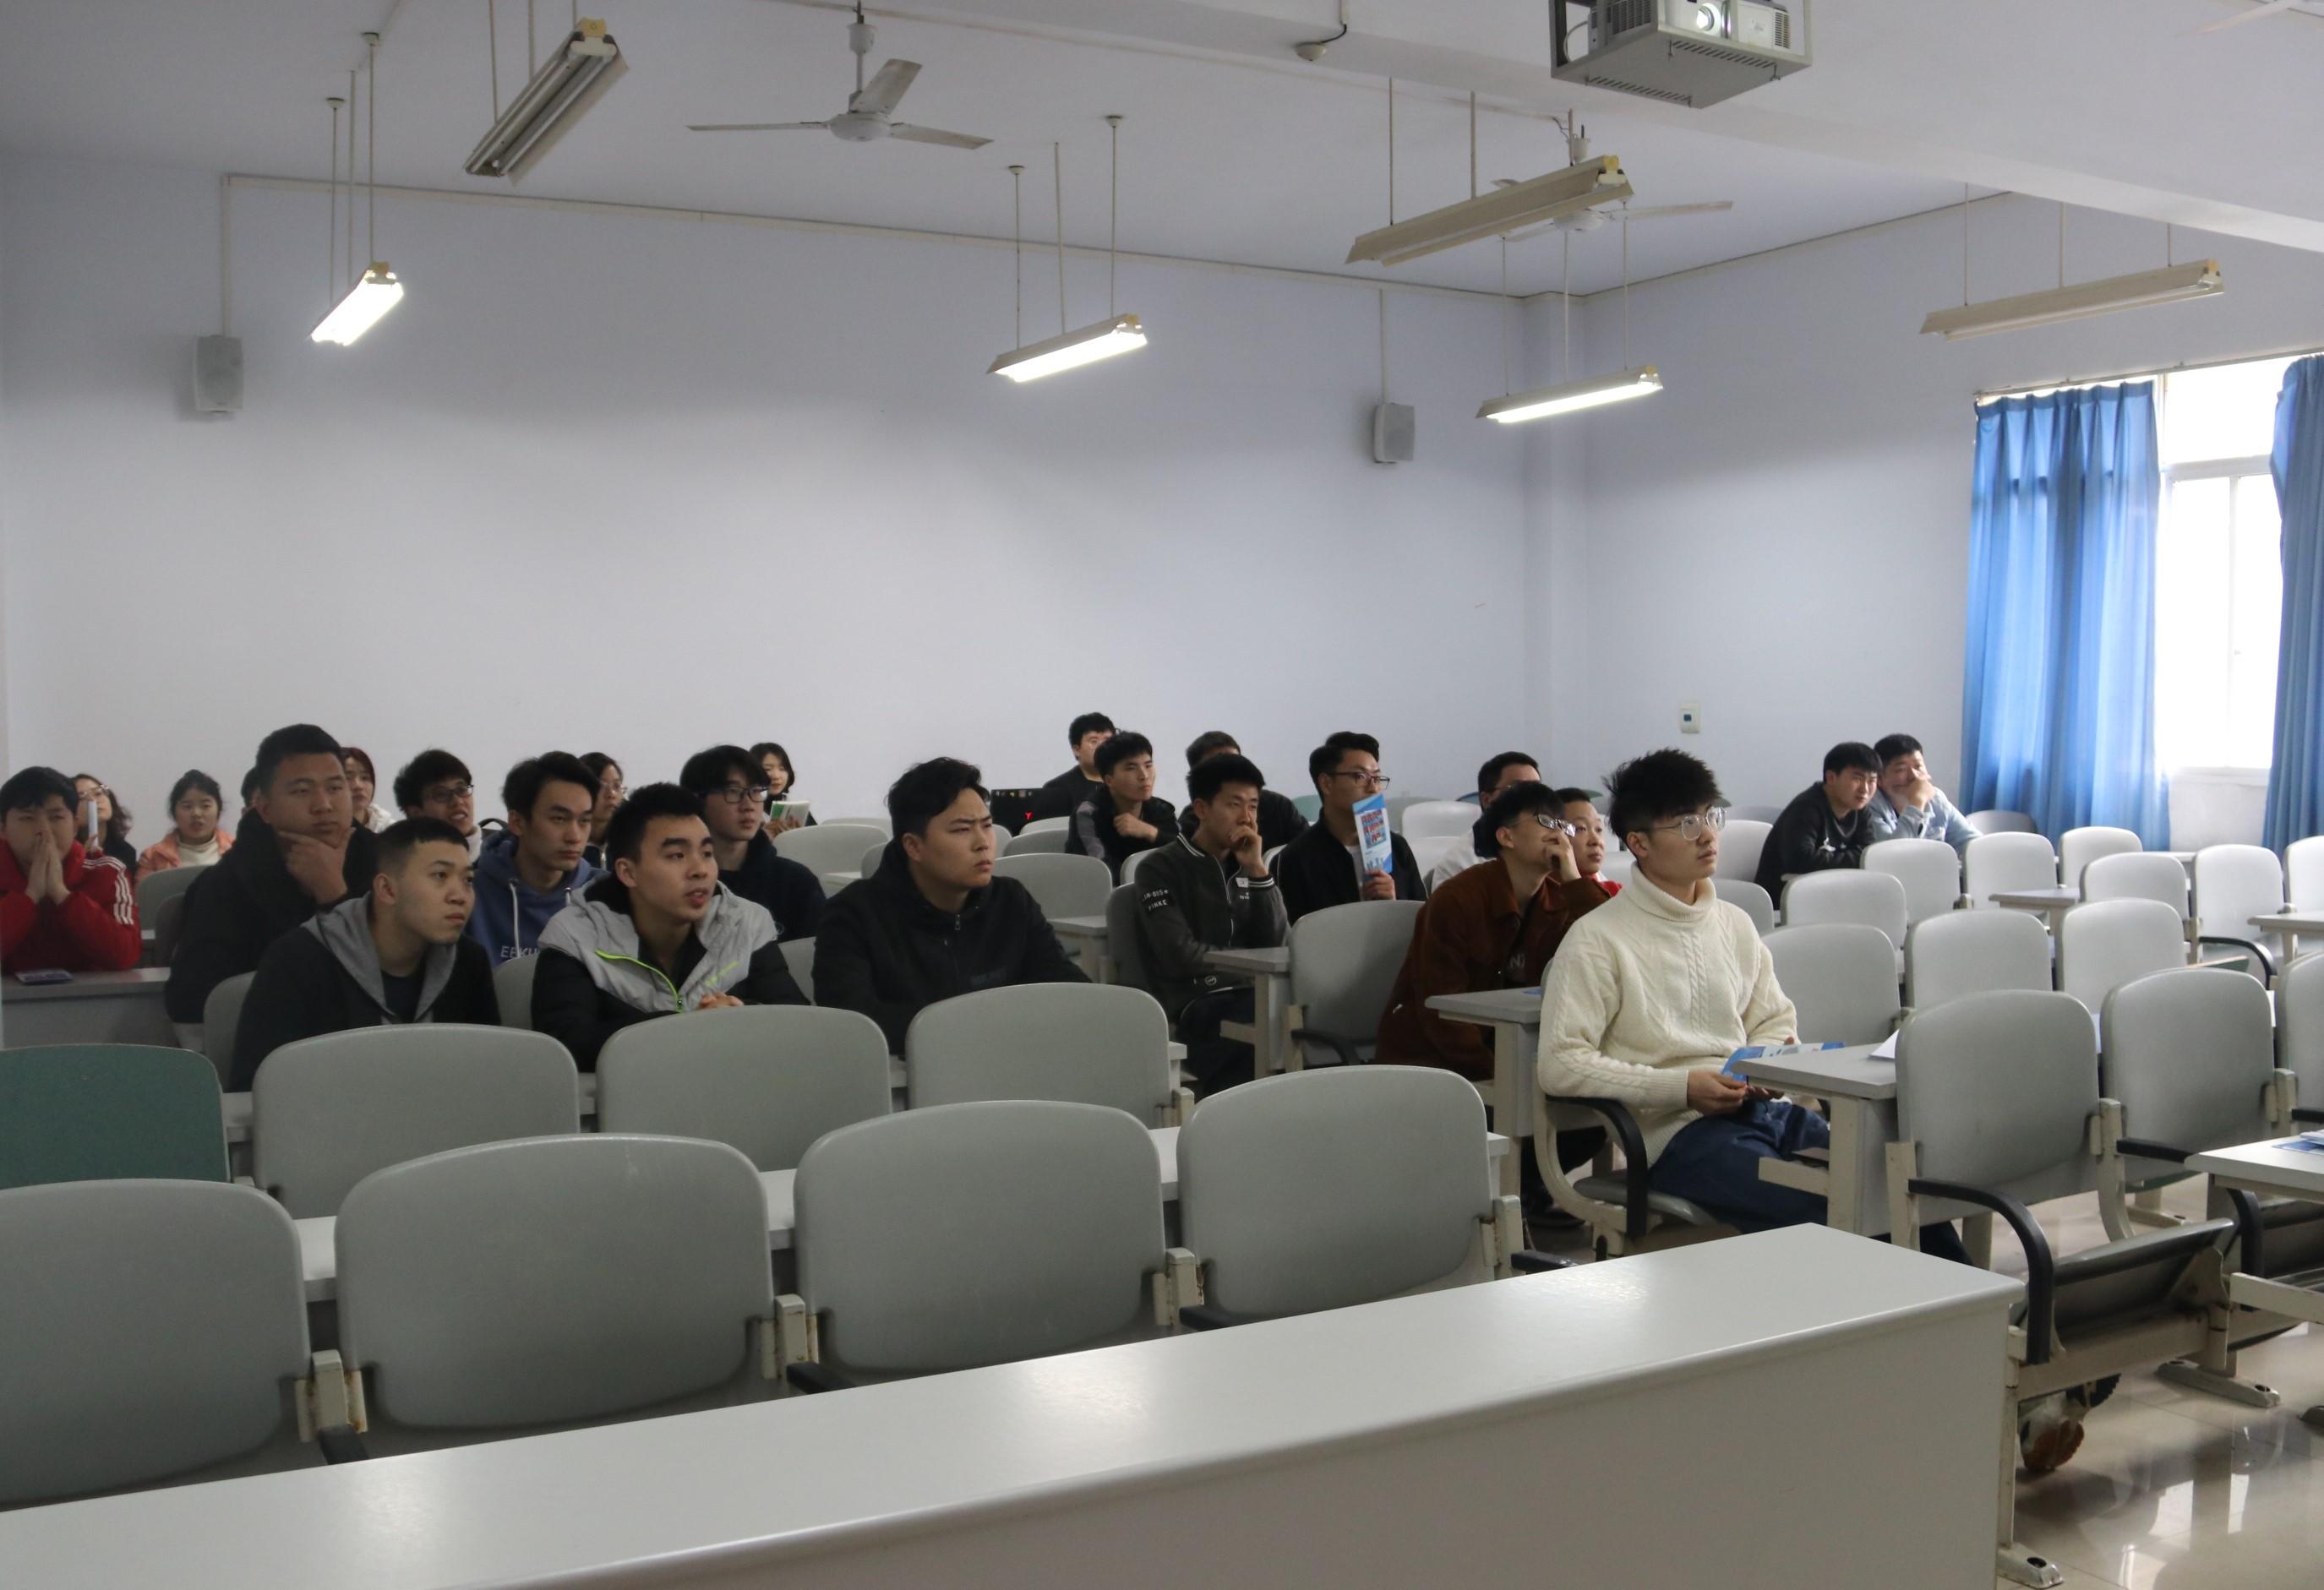 中建新疆建工(集团)有限公司校园招聘会2.jpg